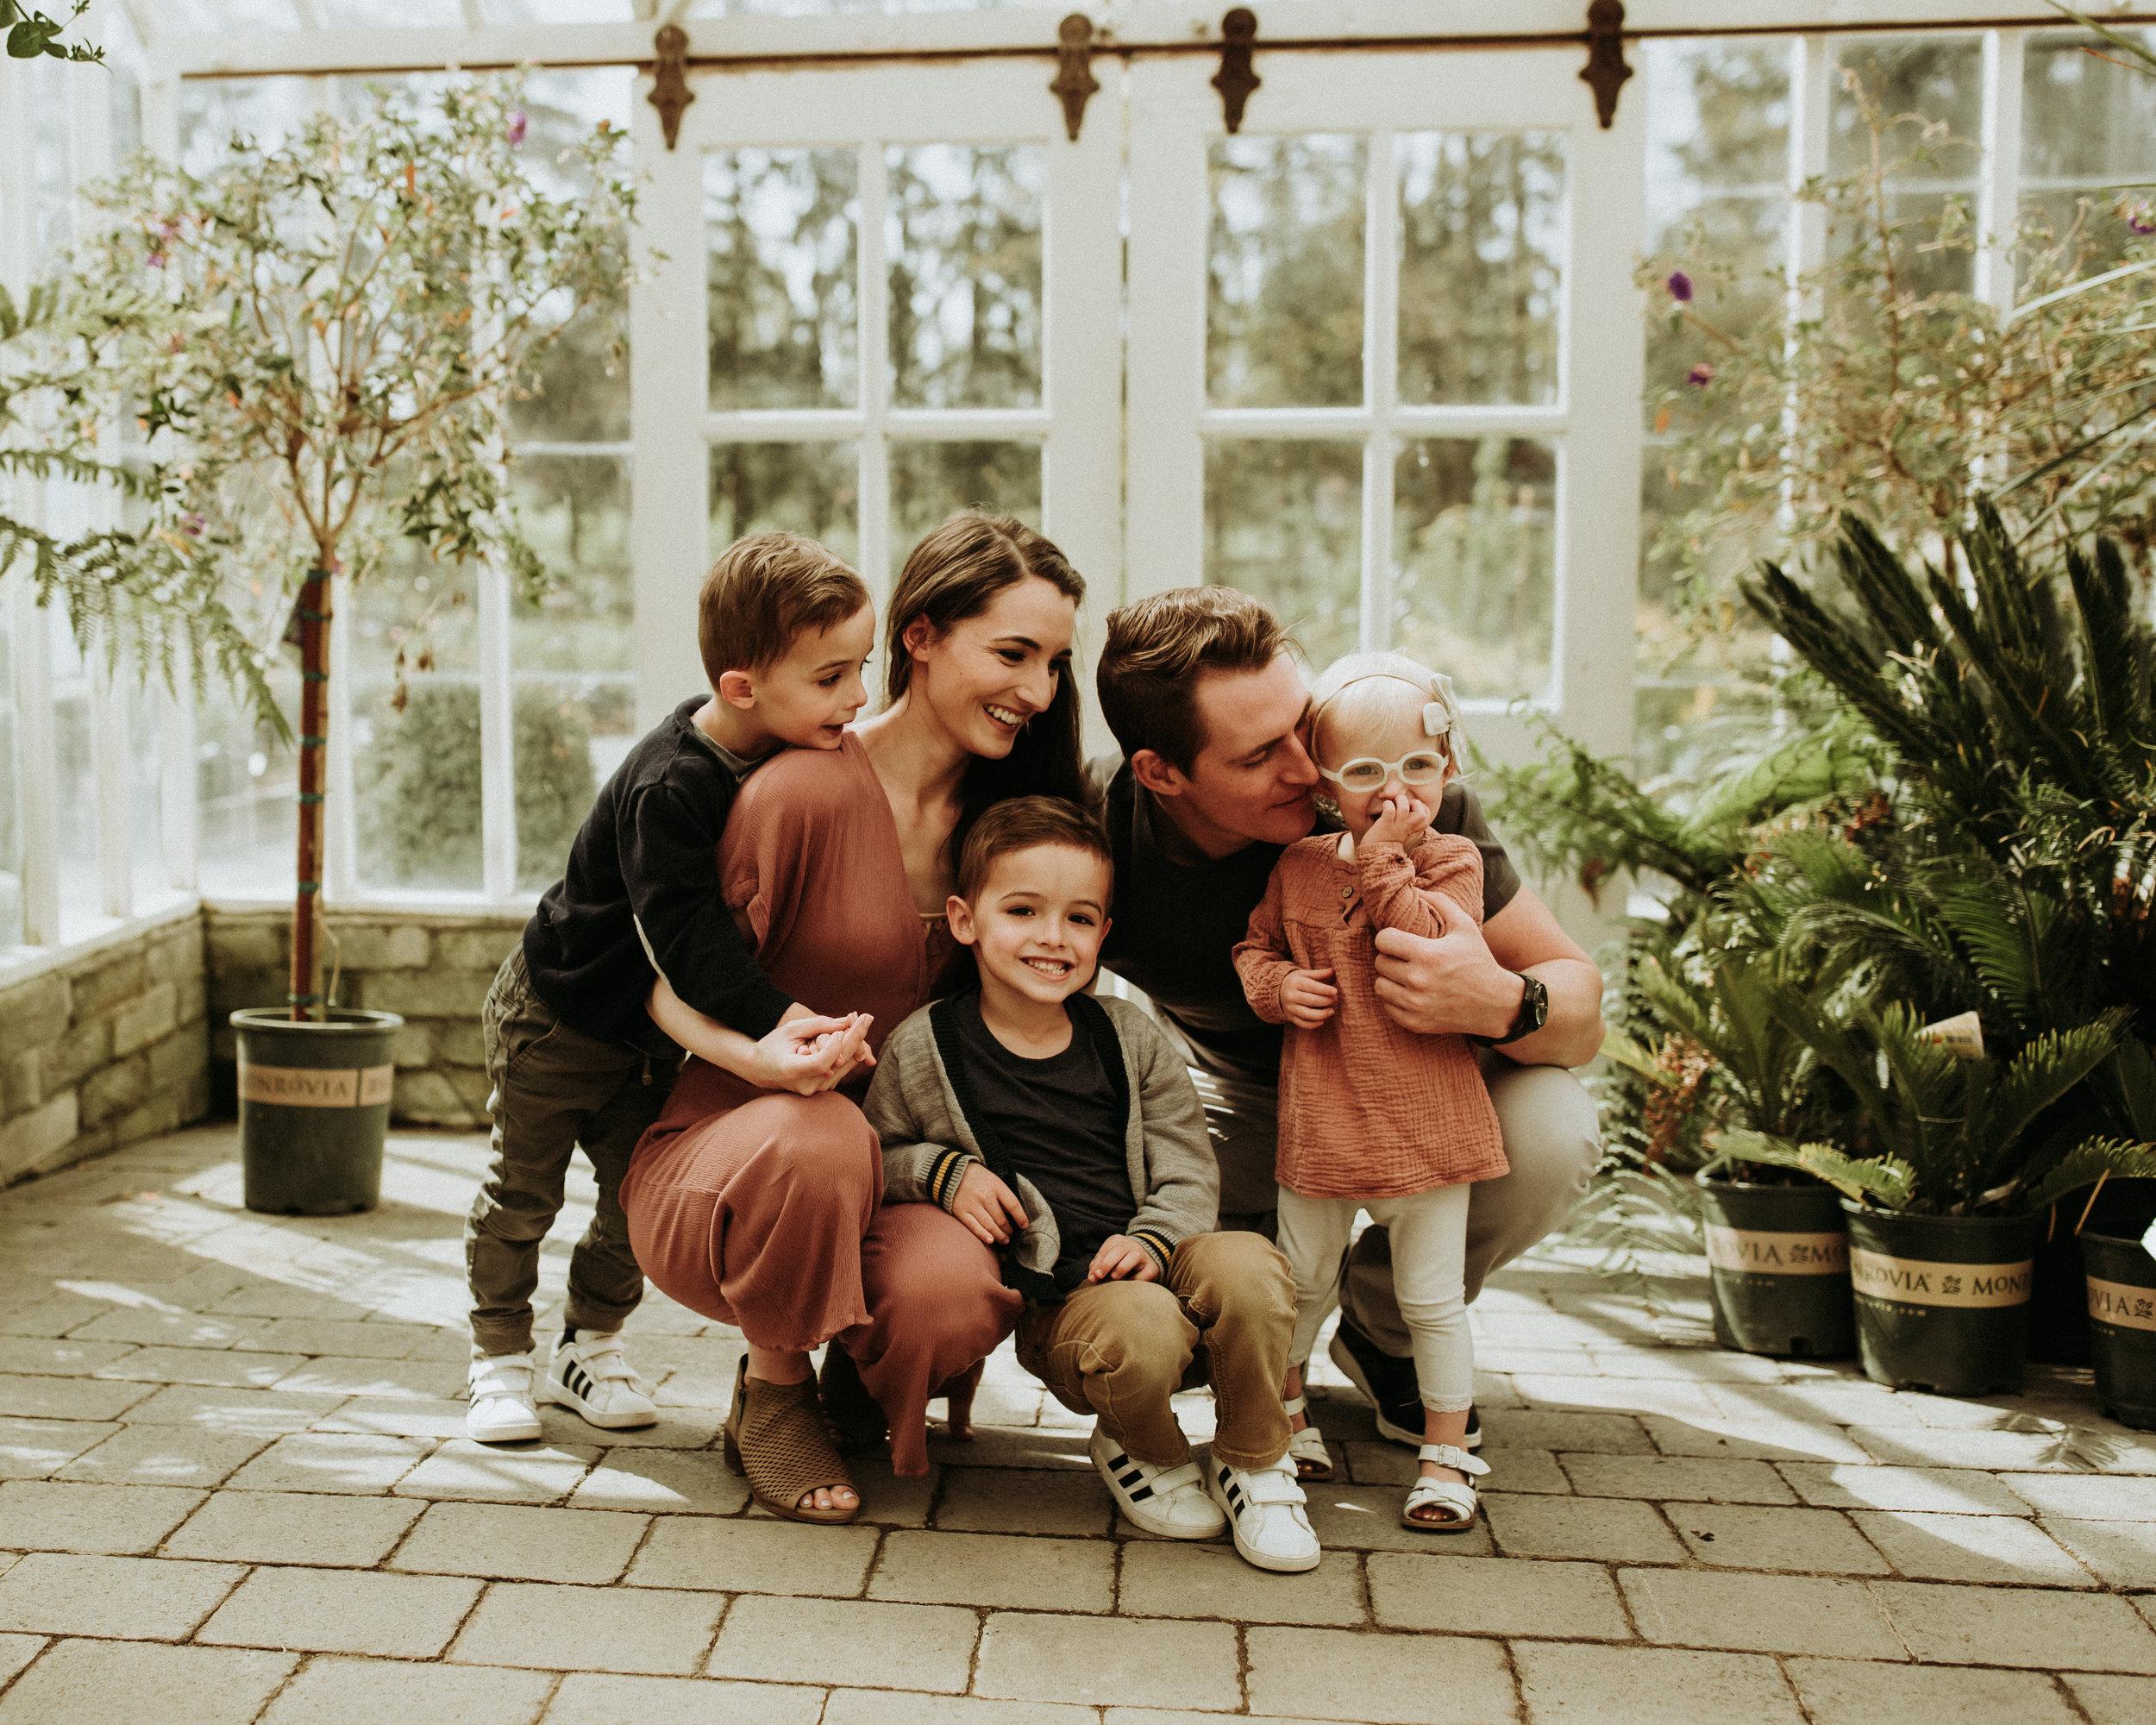 Family-Photographer-Bellingham-WA-Brianne-Bell-Photograpy-(Bennett)-10.jpg